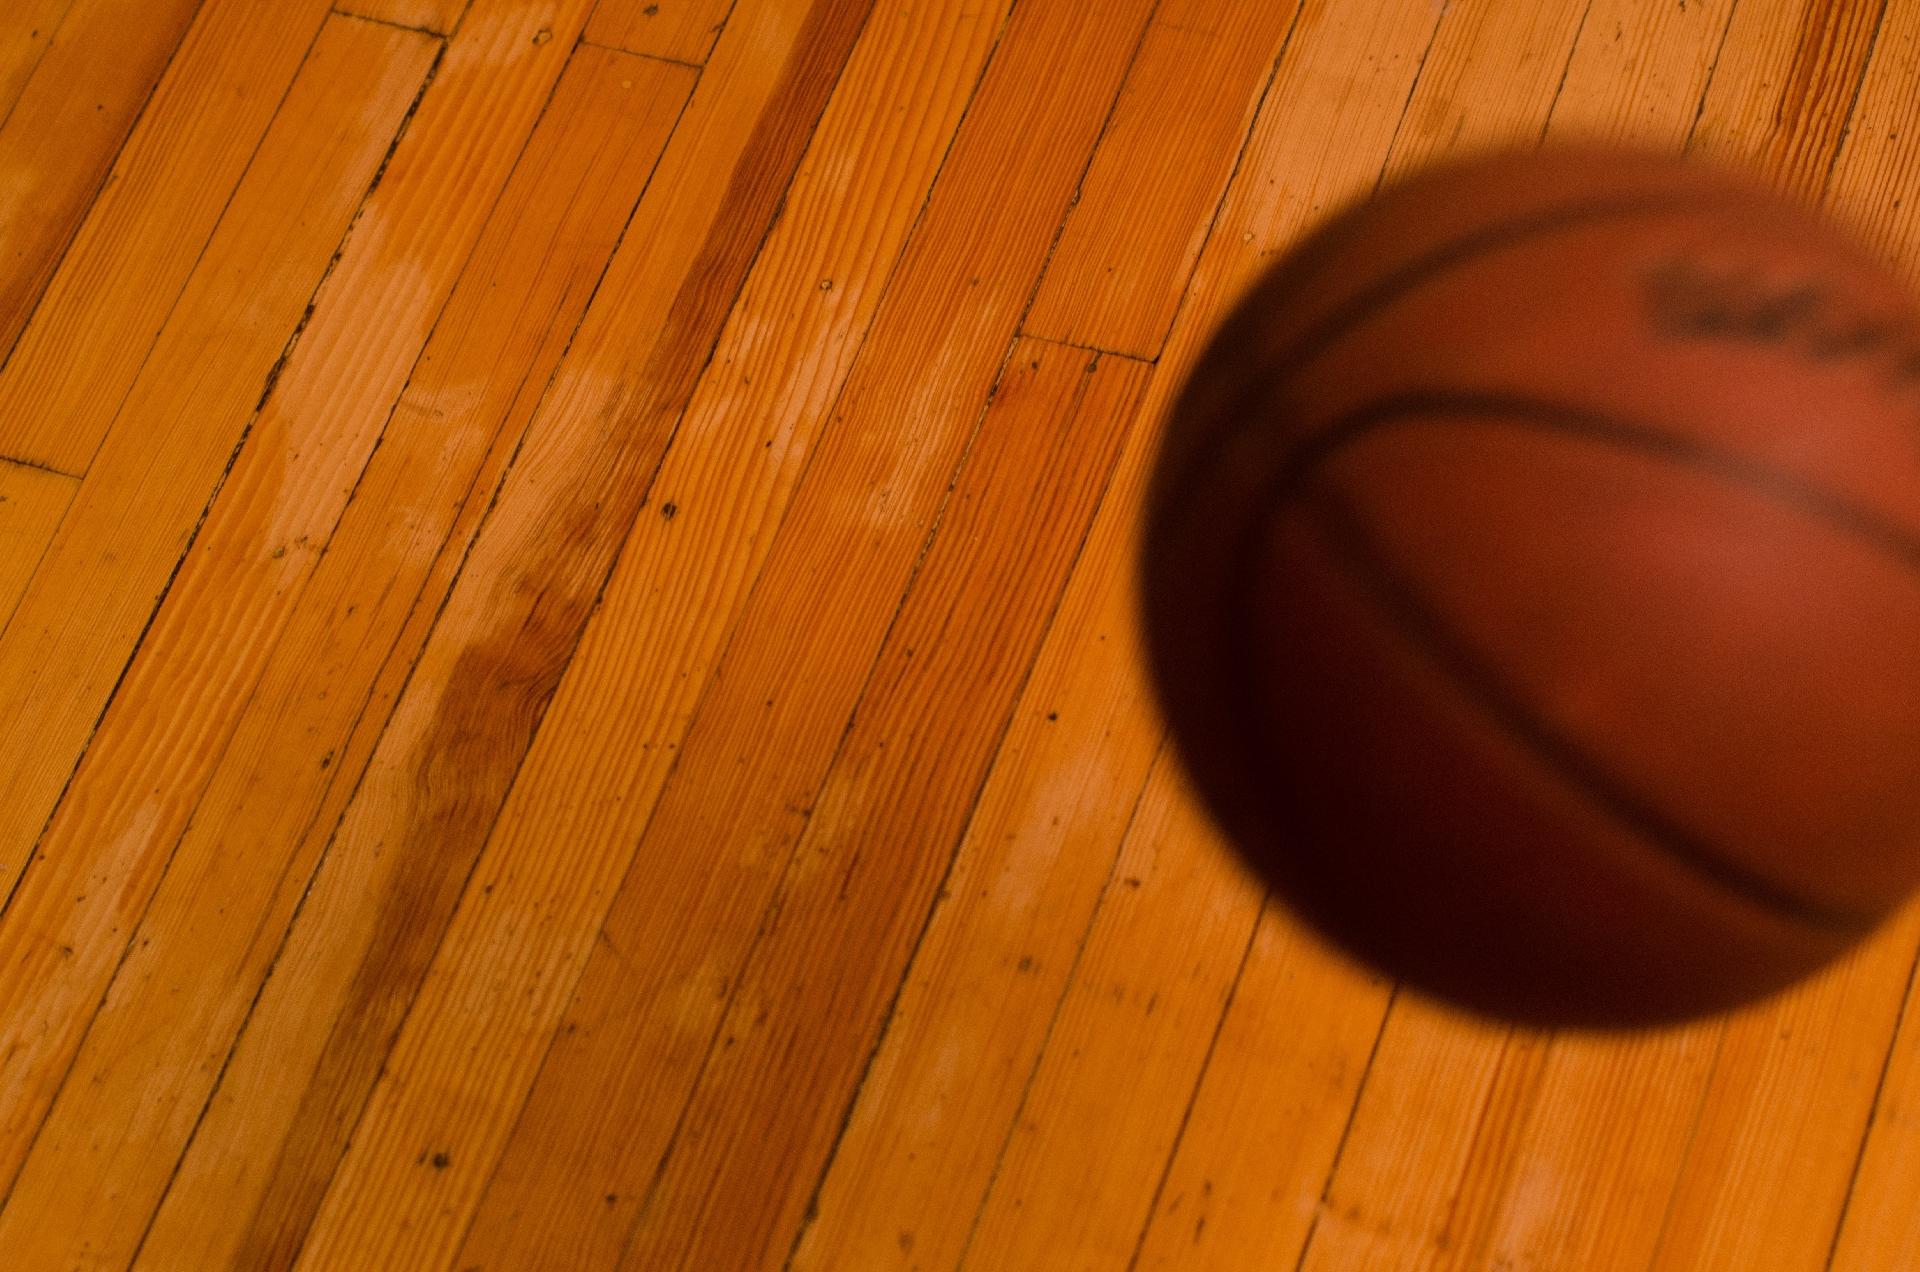 なまはげも驚く?!レジェンド能代工業バスケ部のスゴイ練習